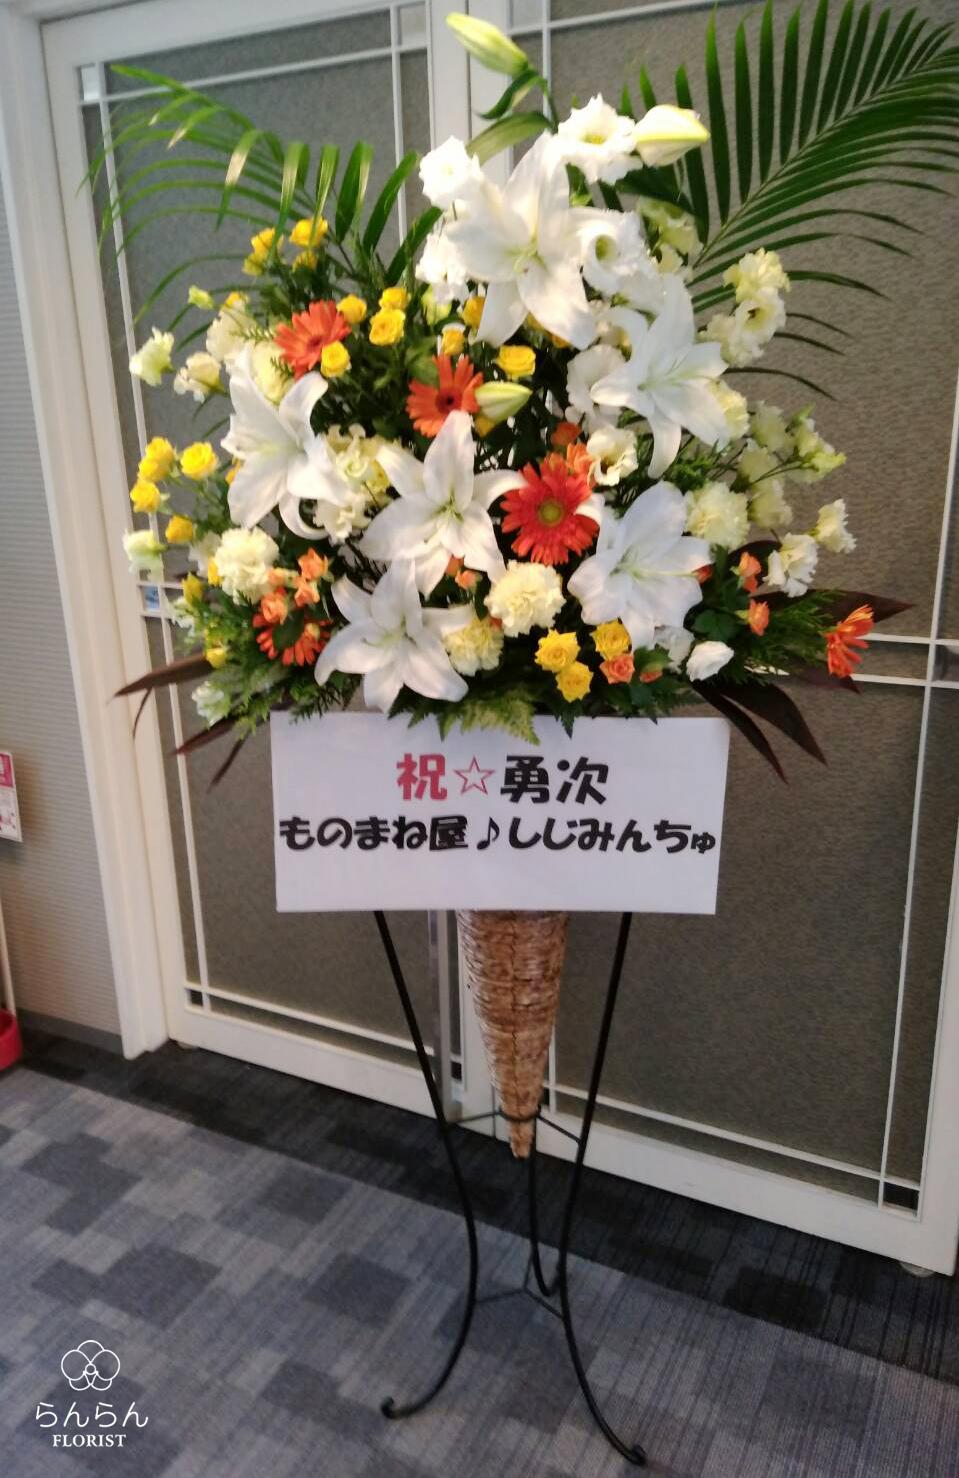 長渕勇次 お祝いスタンド花